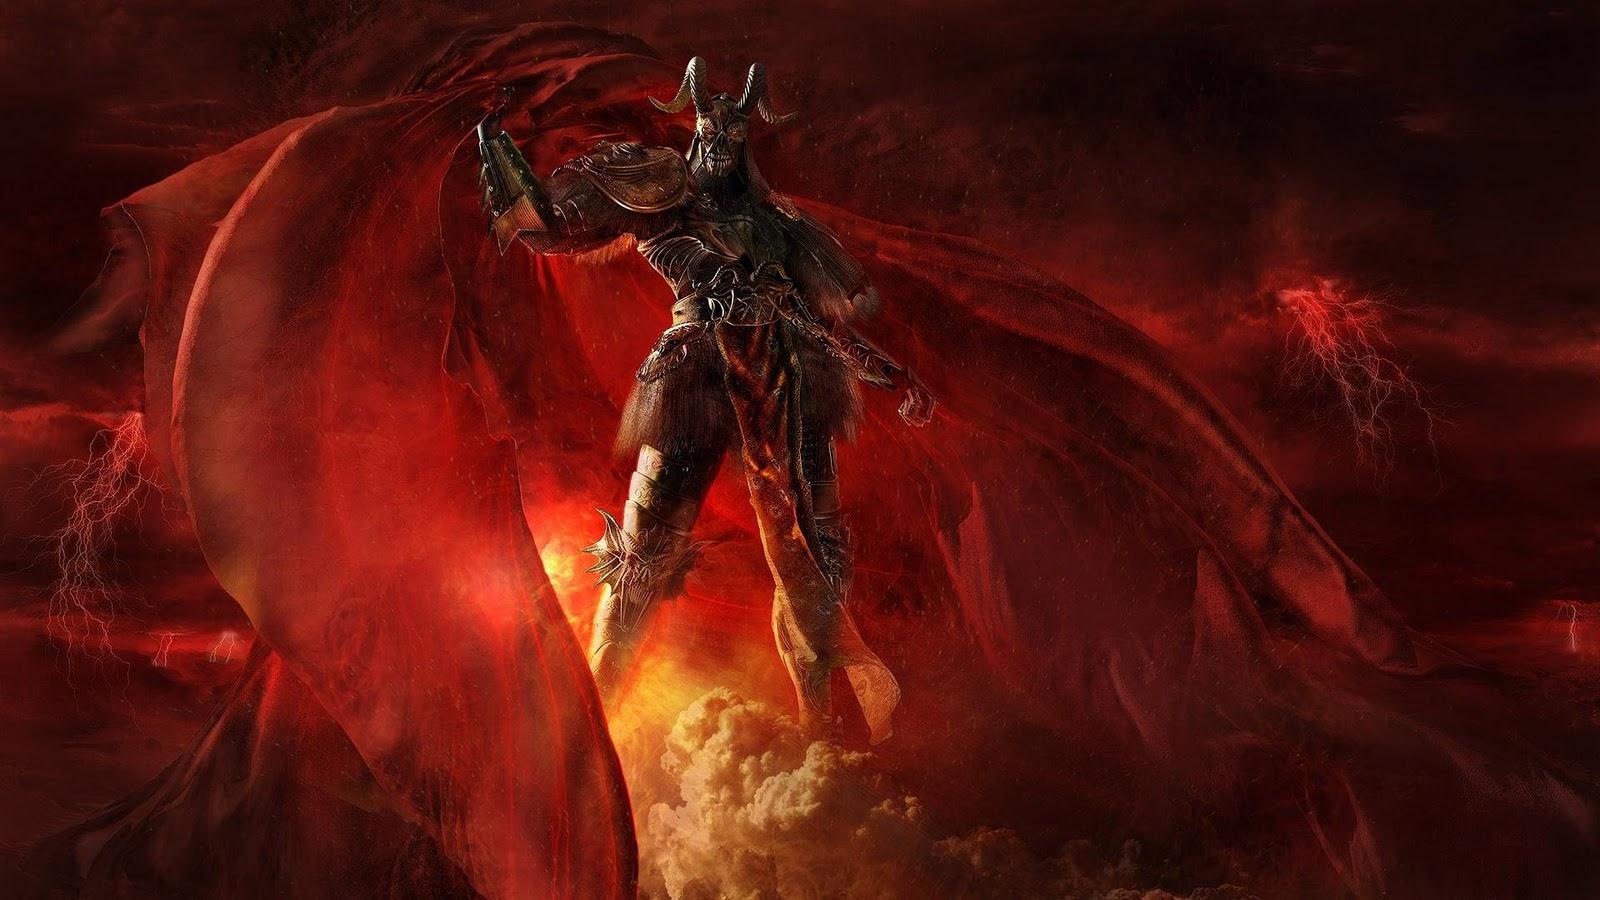 Devil Wallpaper HD - WallpaperSafari